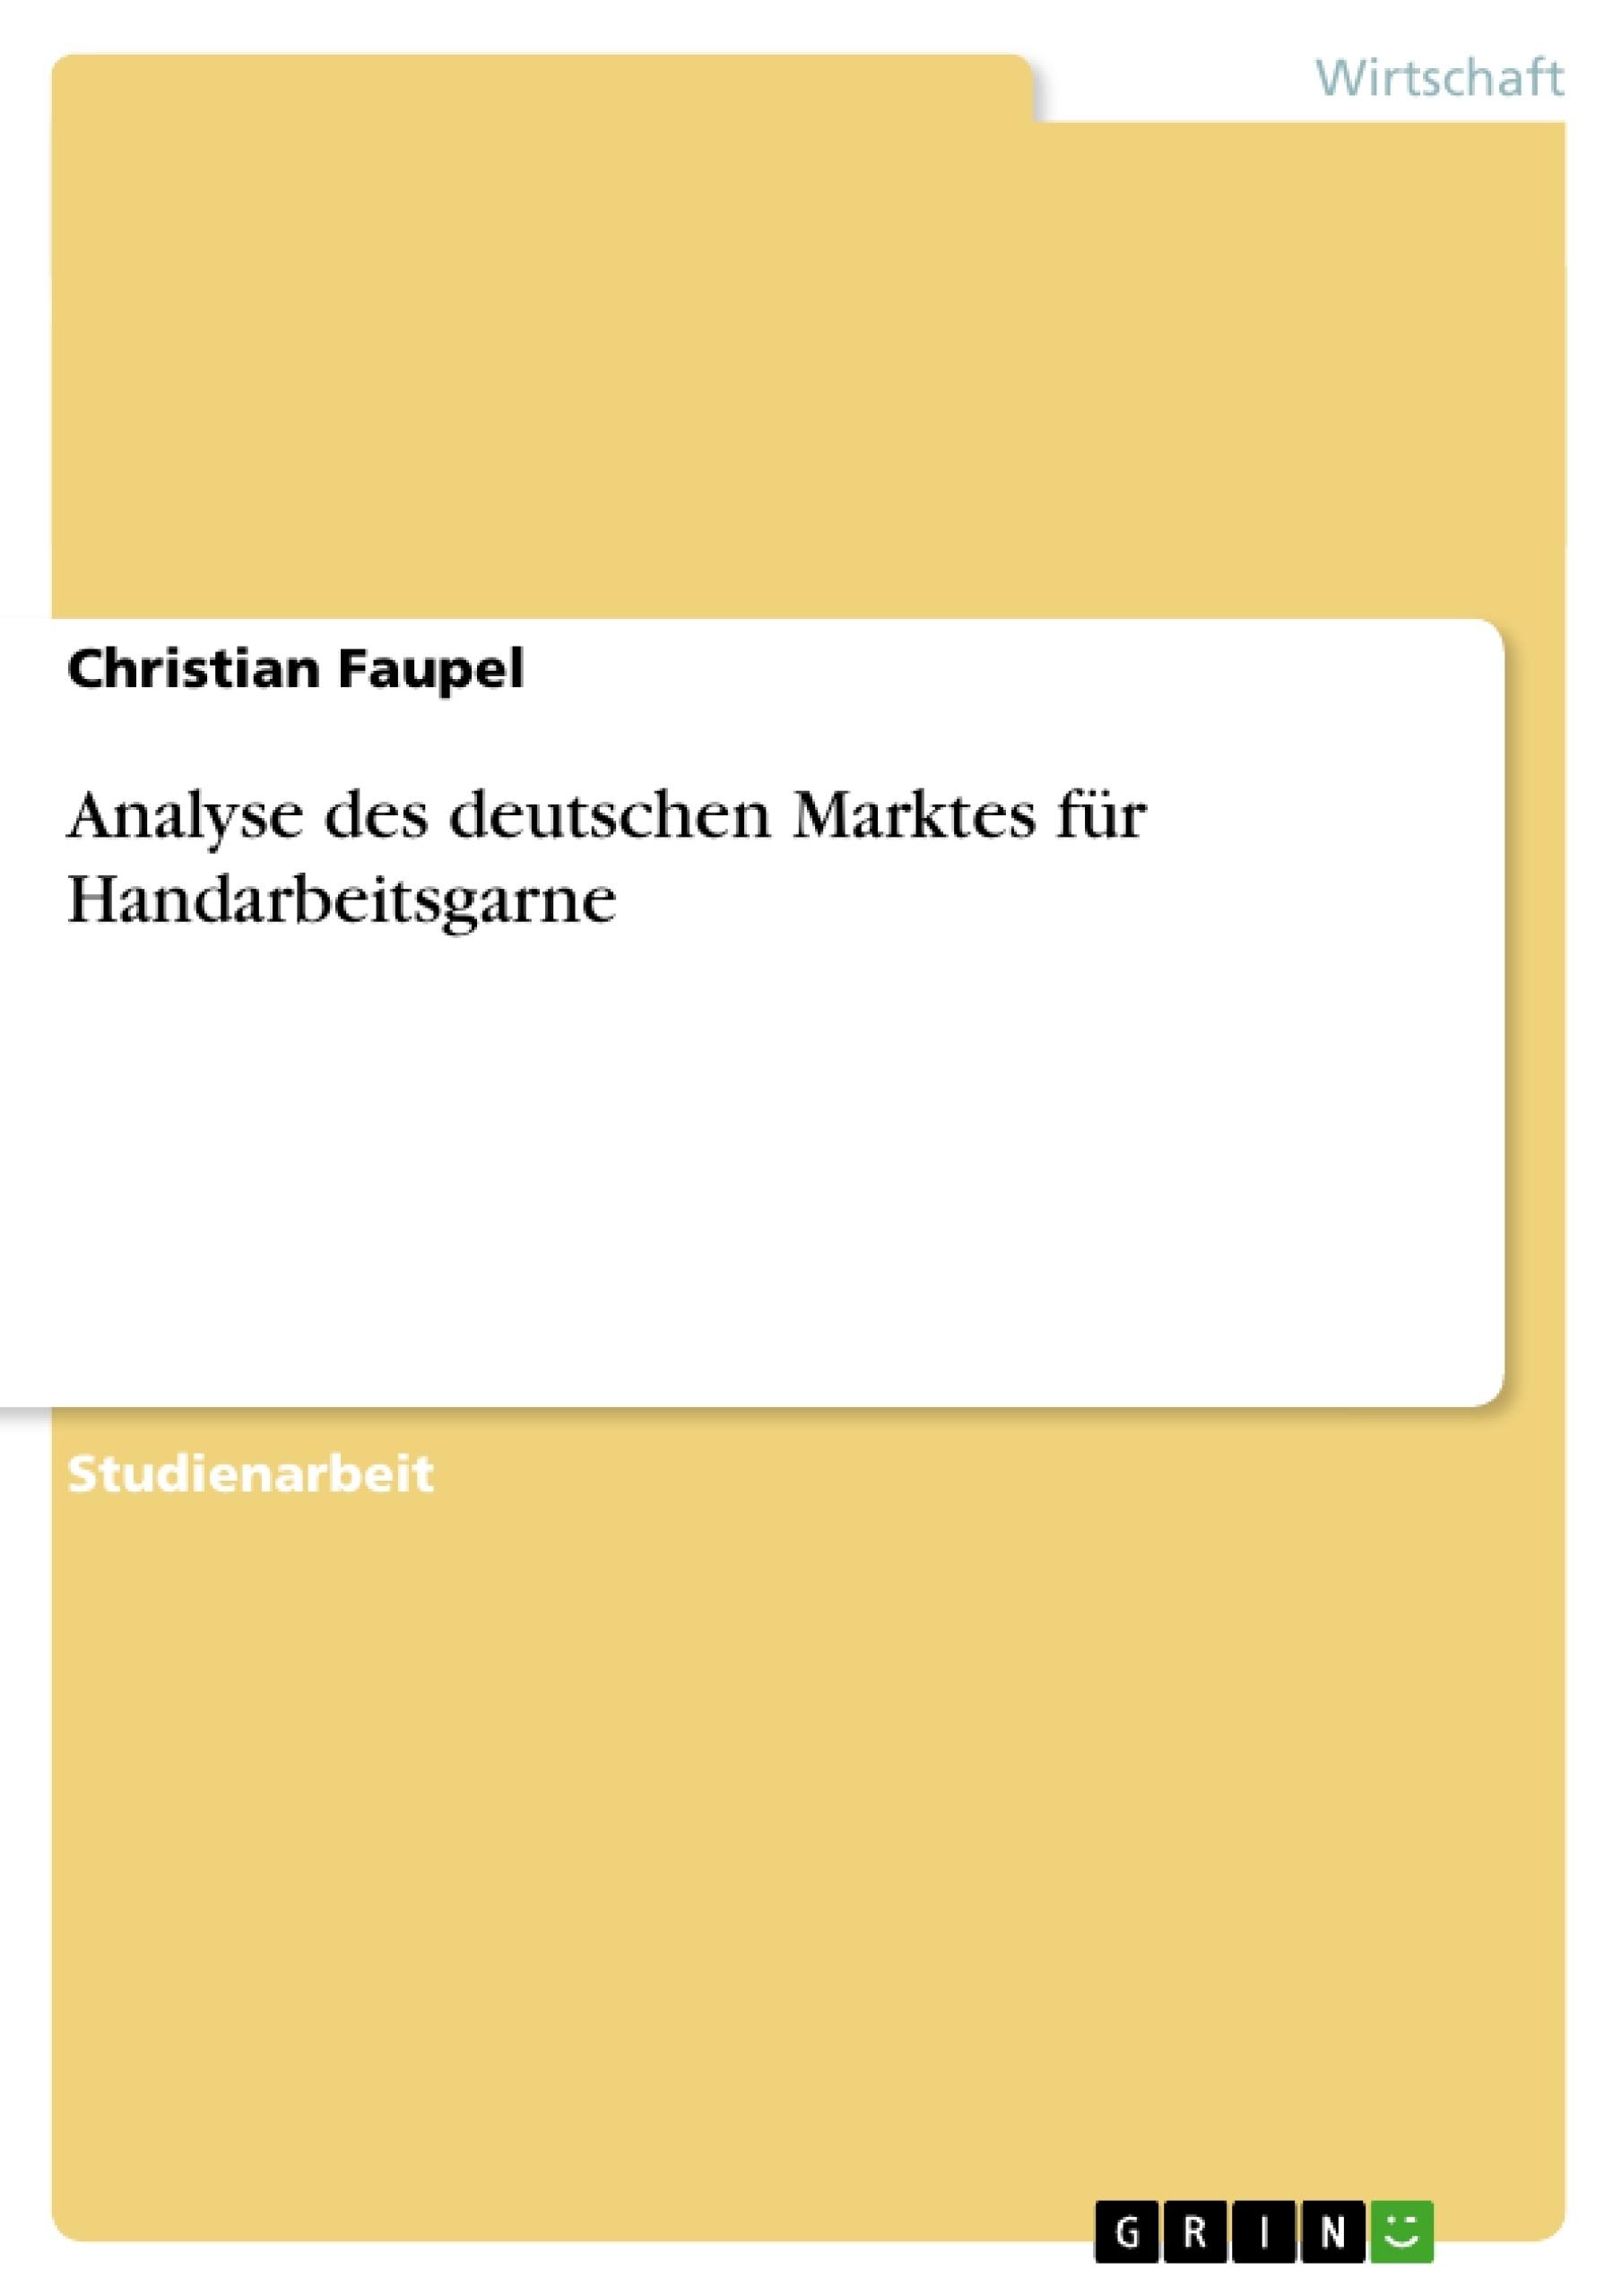 Titel: Analyse des deutschen Marktes für Handarbeitsgarne